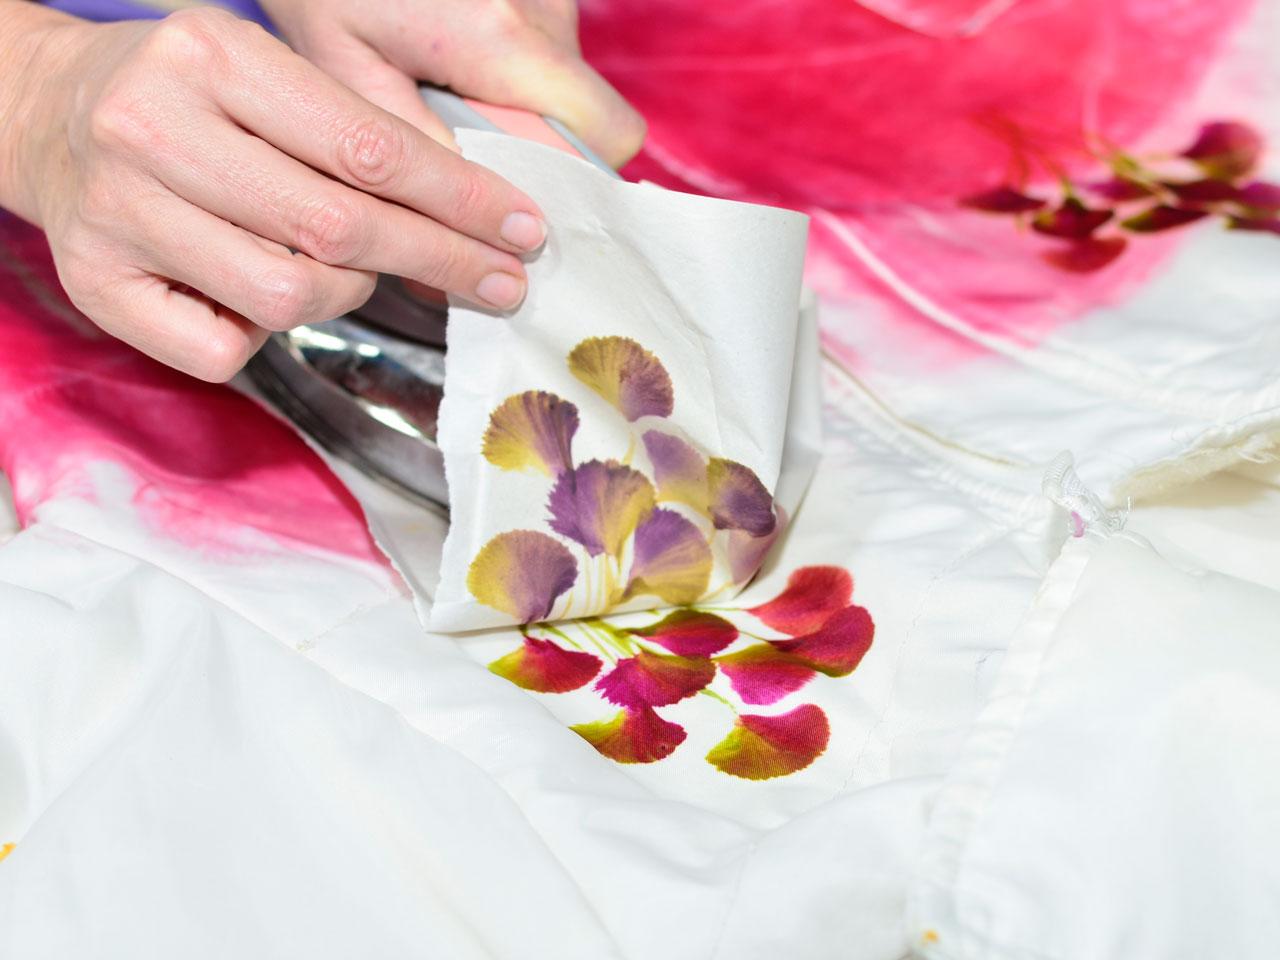 6- Animate a sublimar alguno que quede un poco sobre un fondo de color y otro poco sobre el blanco de la tela.